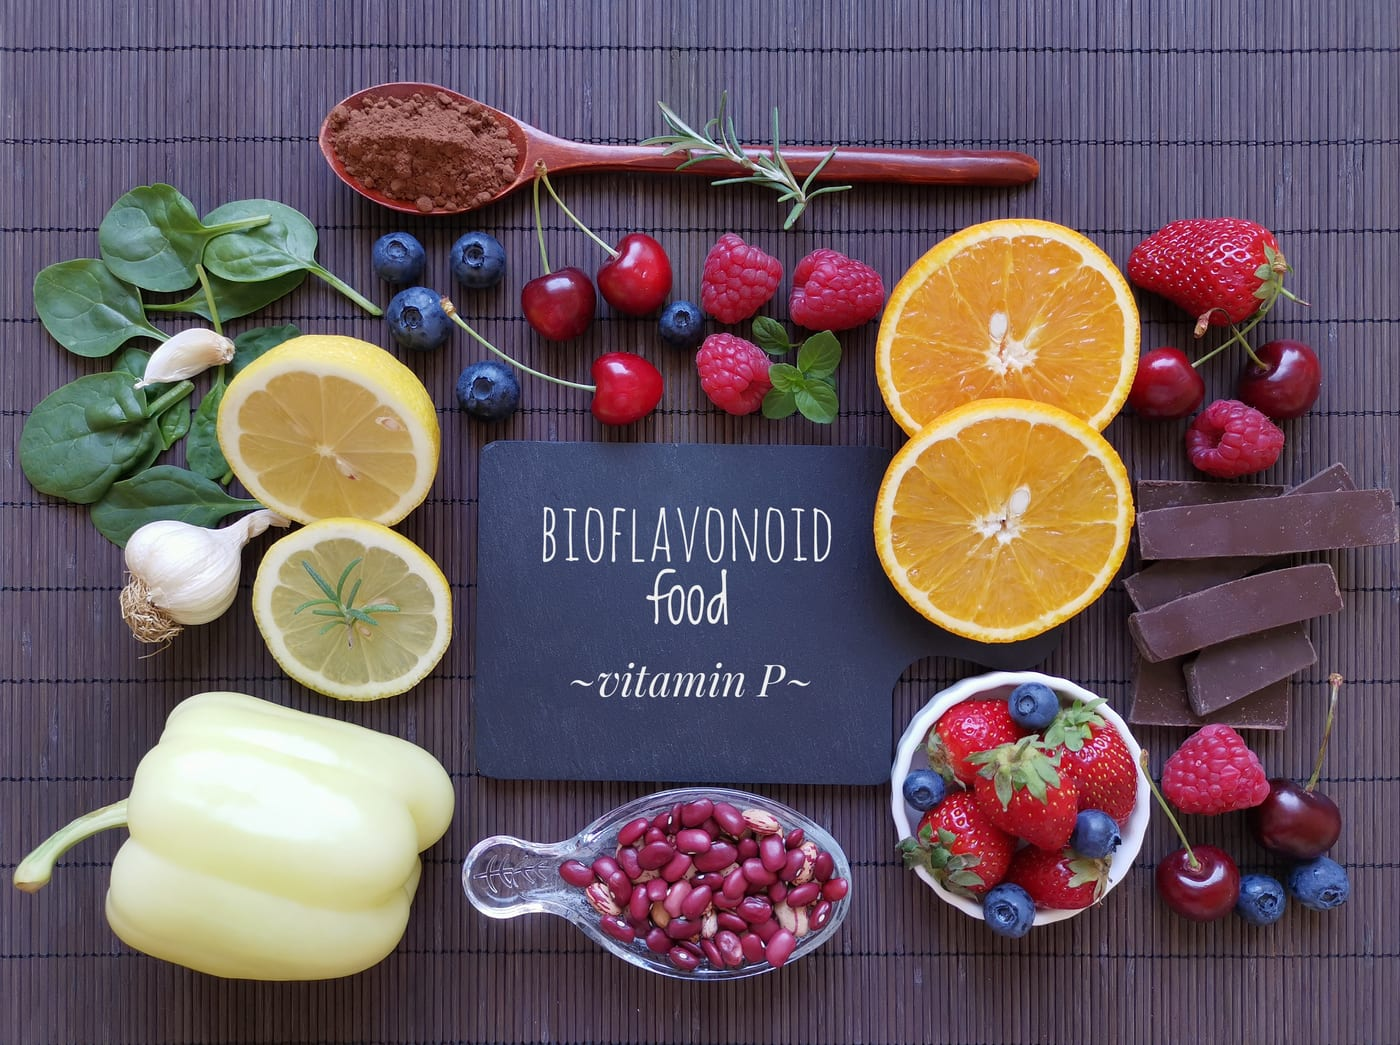 Alimentele bogate în flavonoizi pot ajuta la prevenirea declinului cognitiv (studiu)